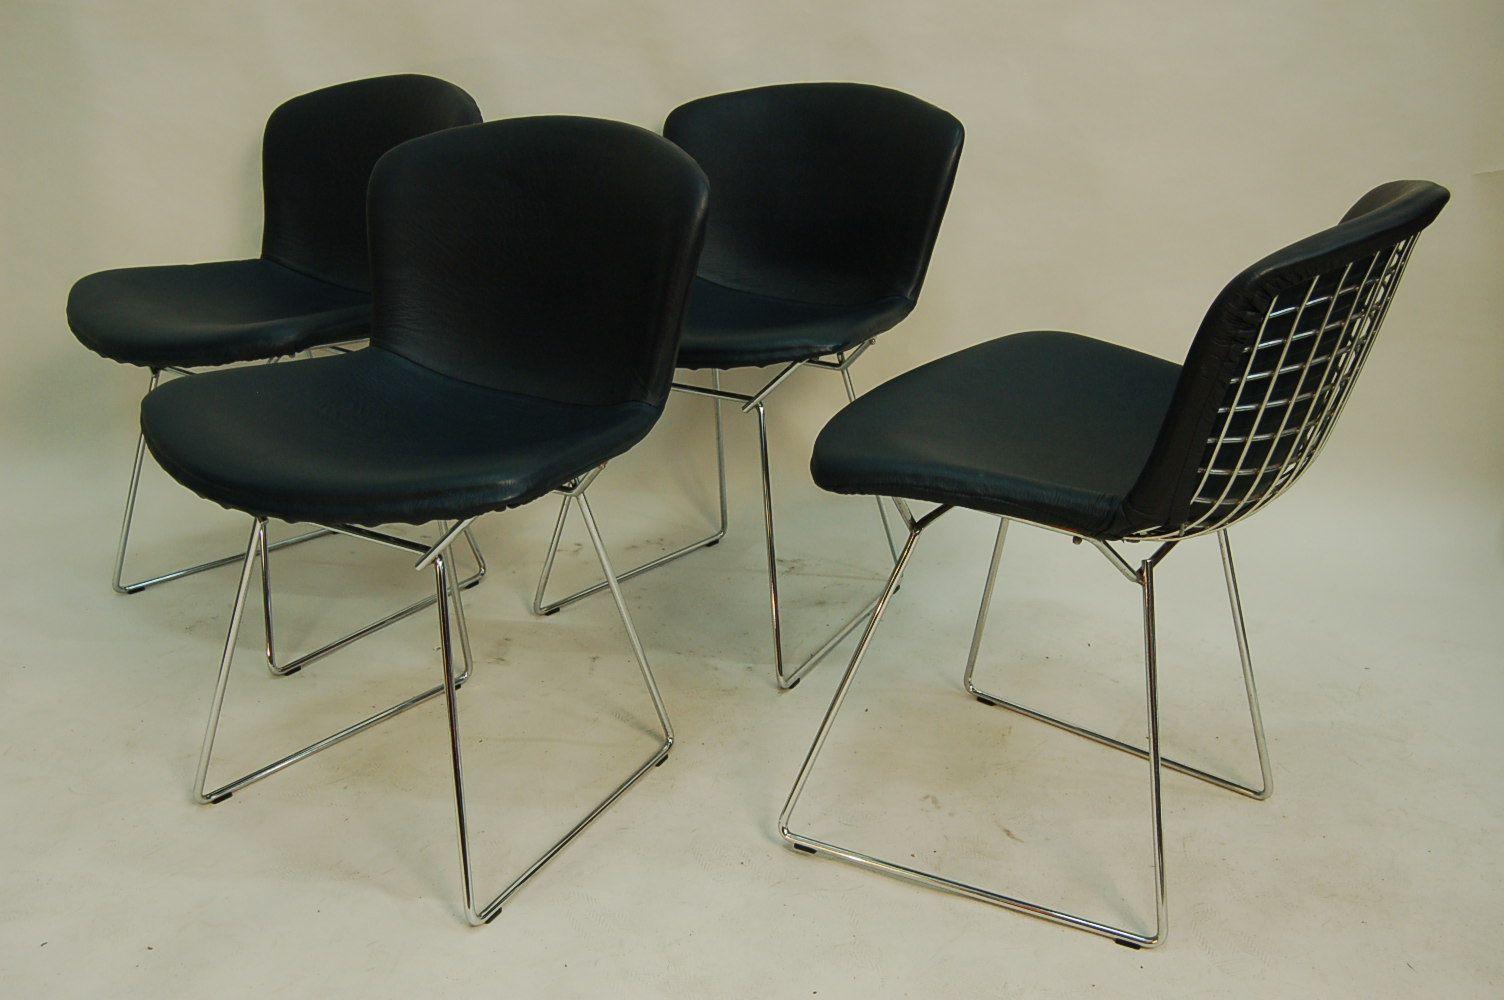 chaises de salon mid century par harry bertoia pour knoll. Black Bedroom Furniture Sets. Home Design Ideas